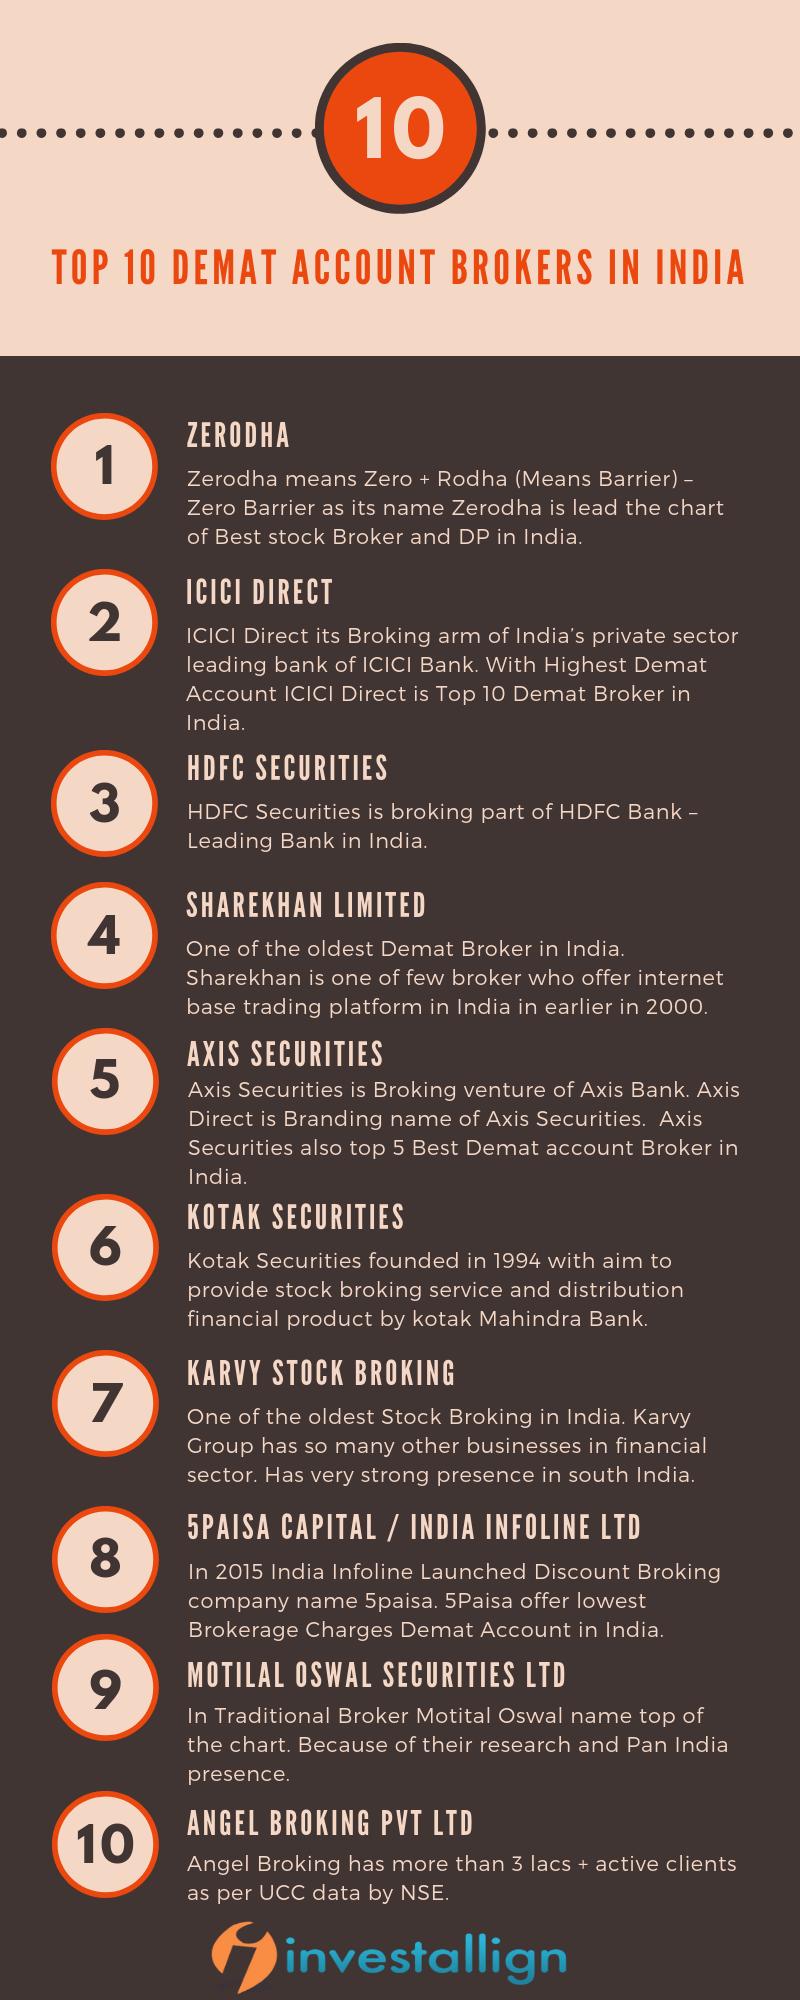 Infographic - Top 10 Demat Account Brokers in India